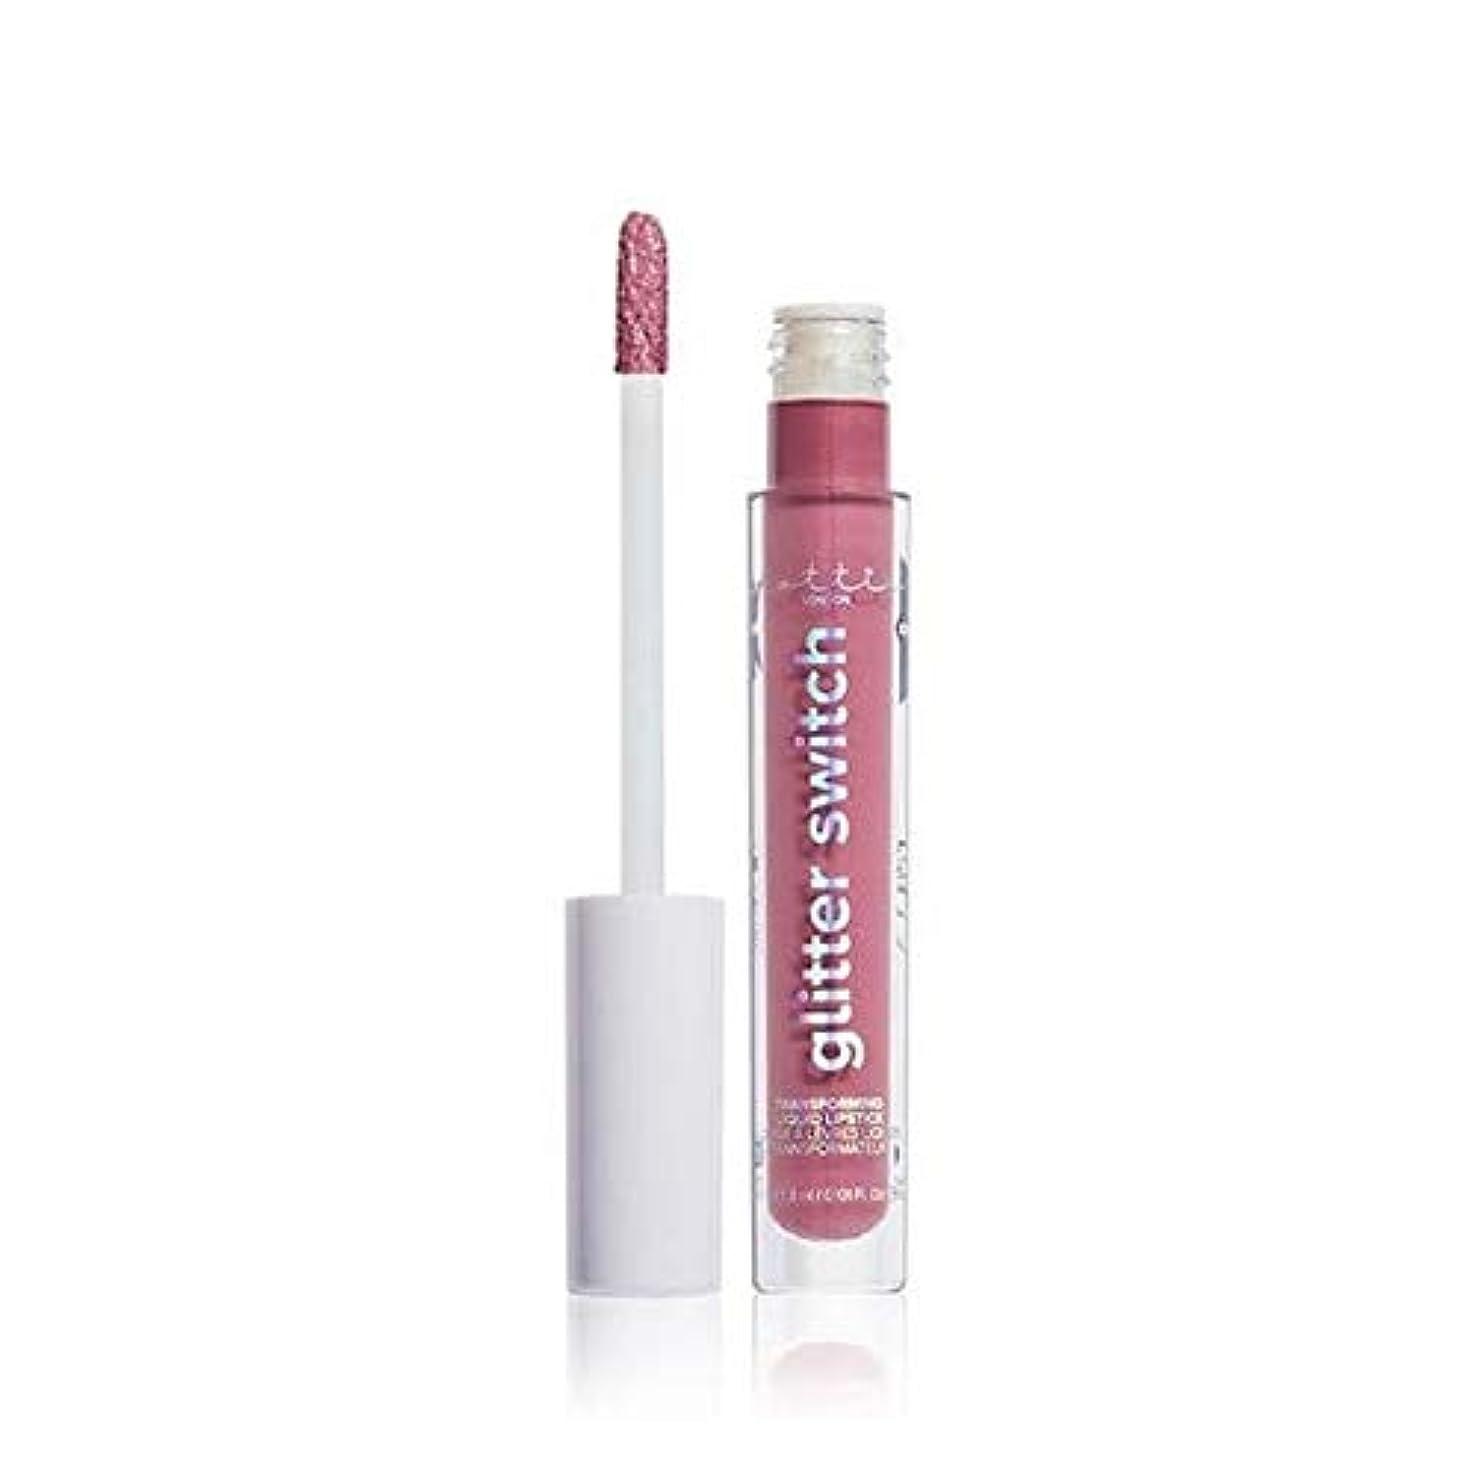 [Lottie London] 口紅を変換ロンドンキラキラスイッチを望んでいたLottie - Lottie London Glitter Switch Transforming Lipstick Wanted [並行輸入品]